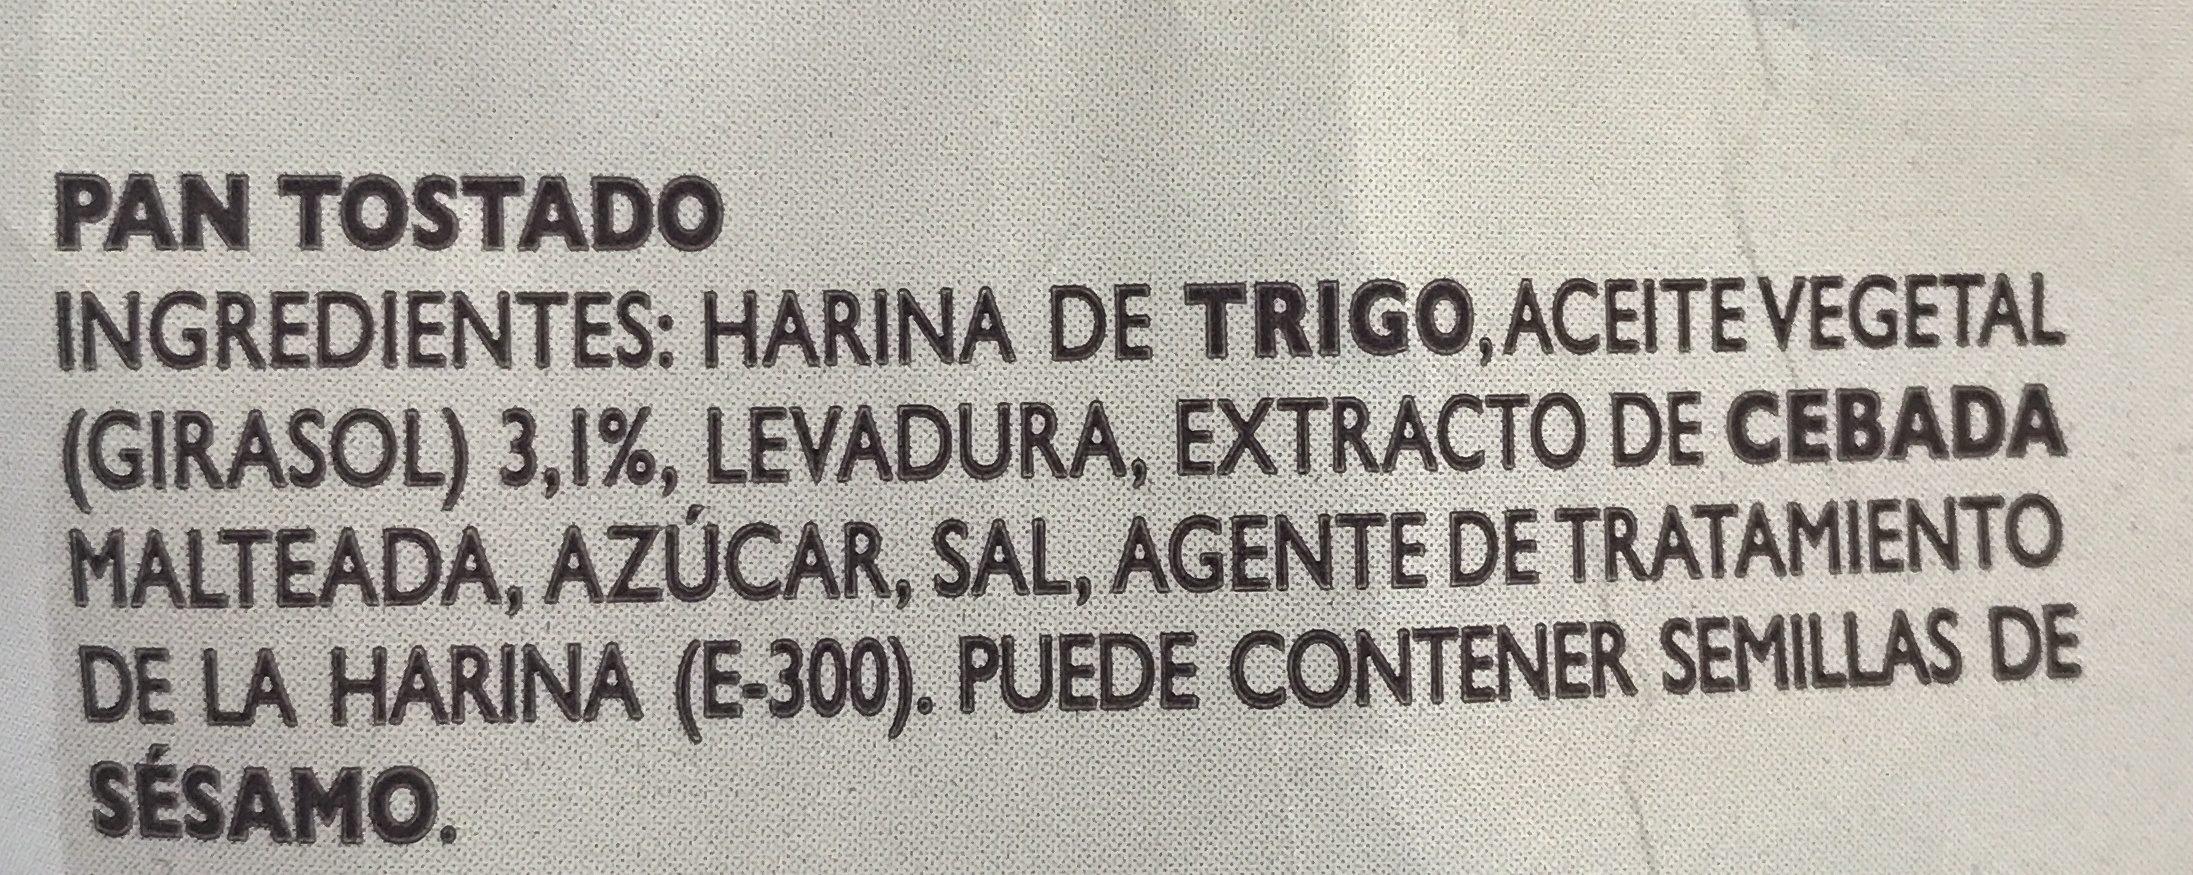 Pan Tostado Estilo Tradicional - Ingredientes